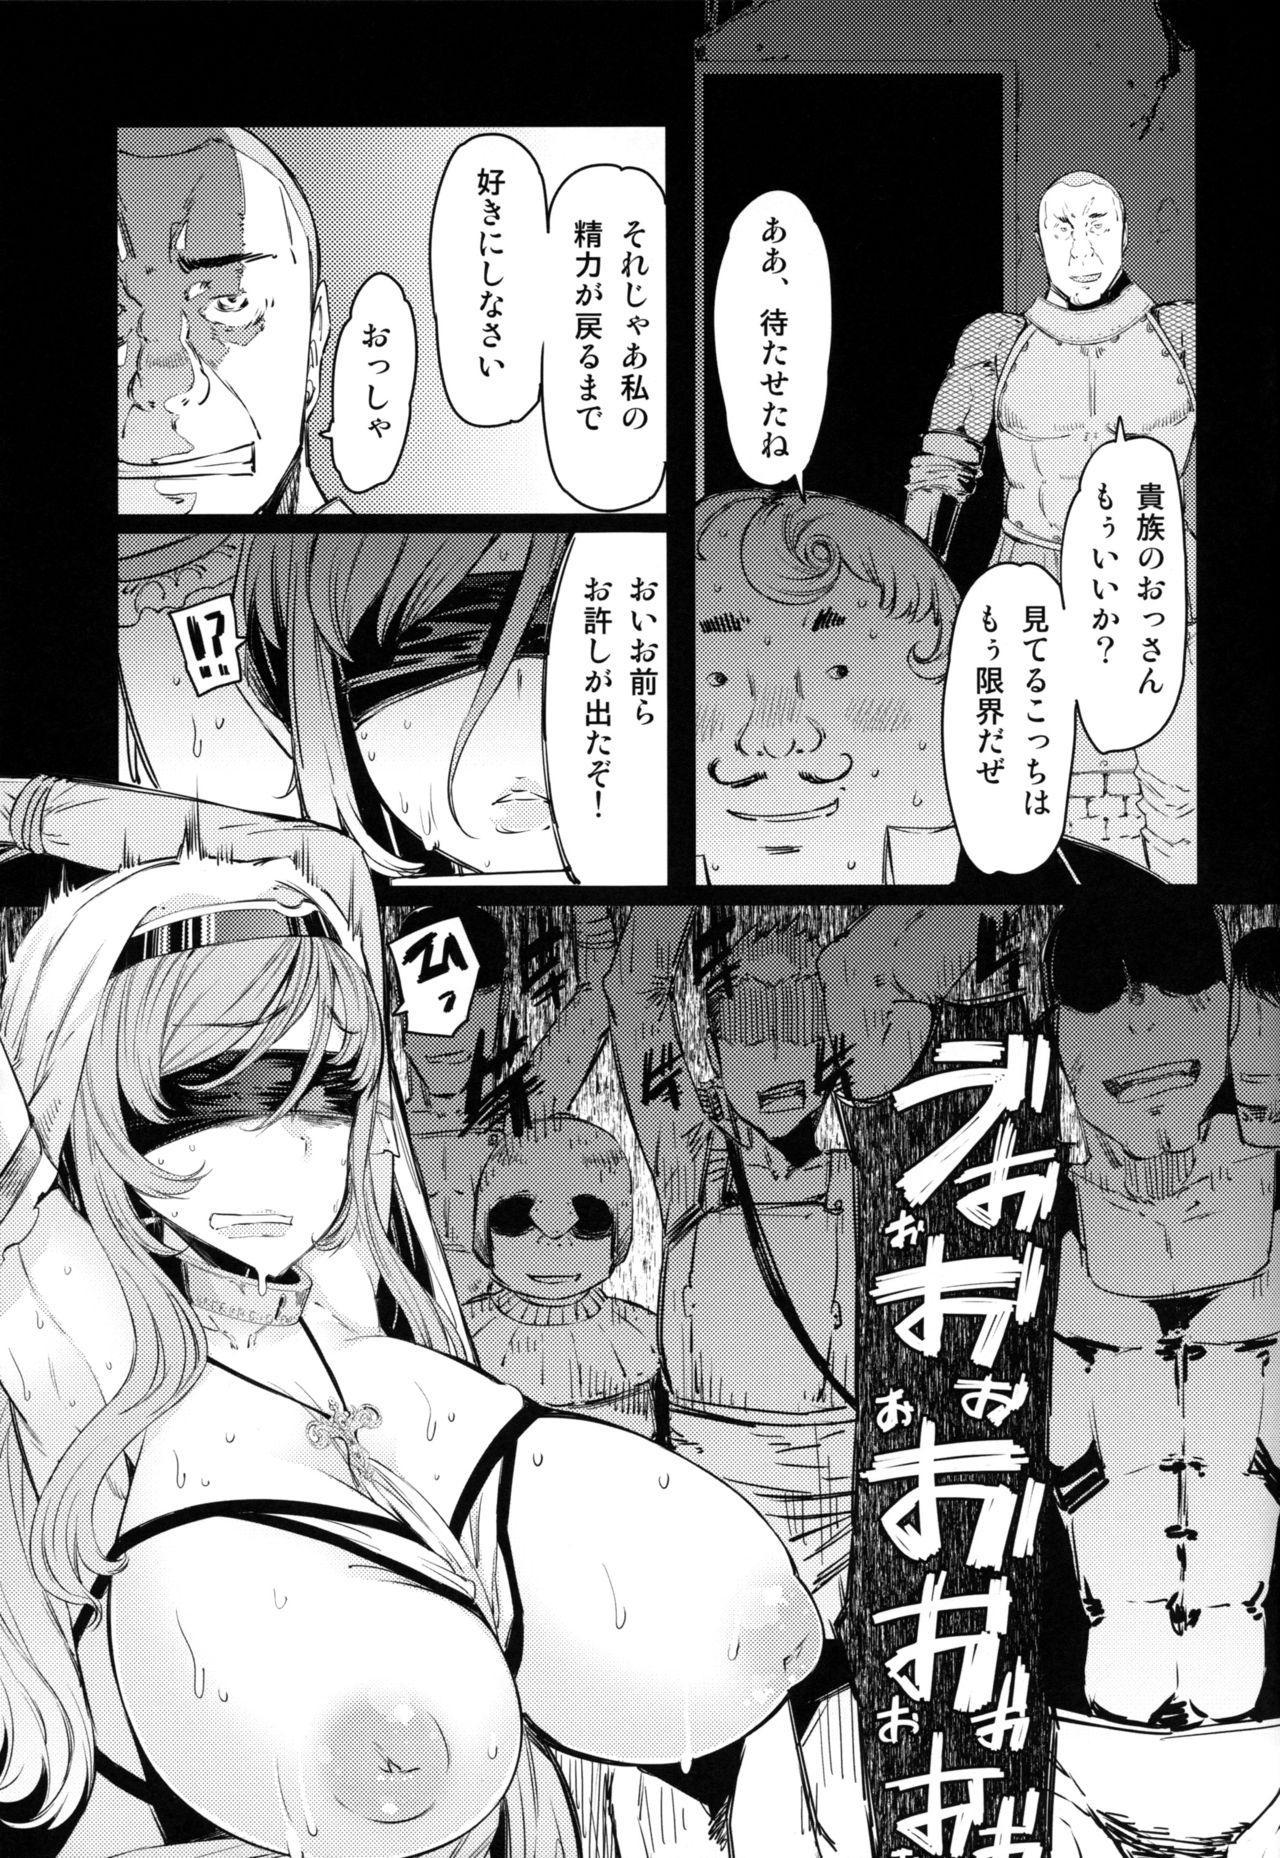 Sanku no Otome Zenpen 13